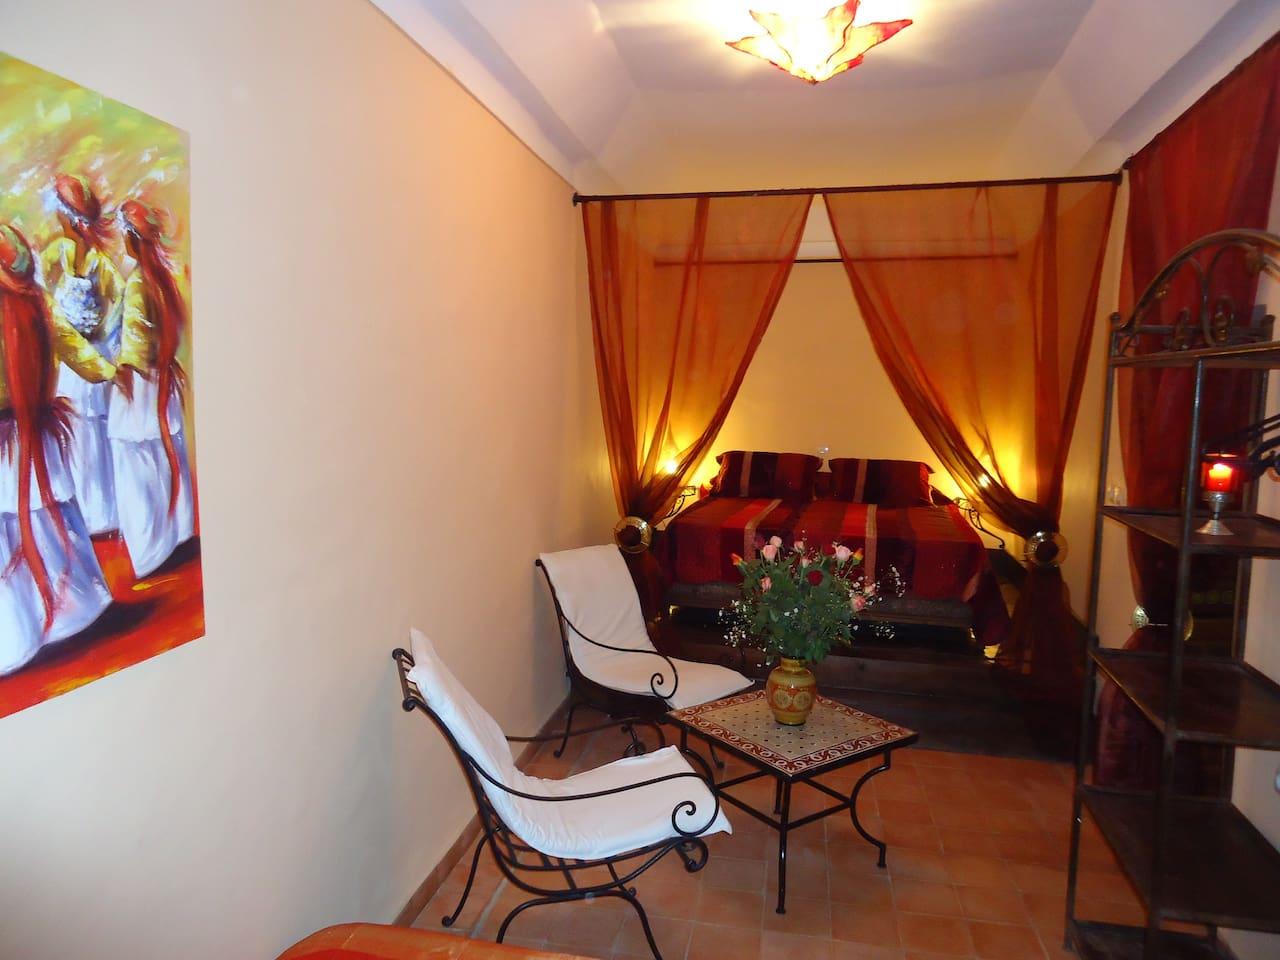 Cette chambre peut accueillir jusqu'à 3 personne, elle est équipée d'une douche et WC, frigo, coffre fort et climatisation.